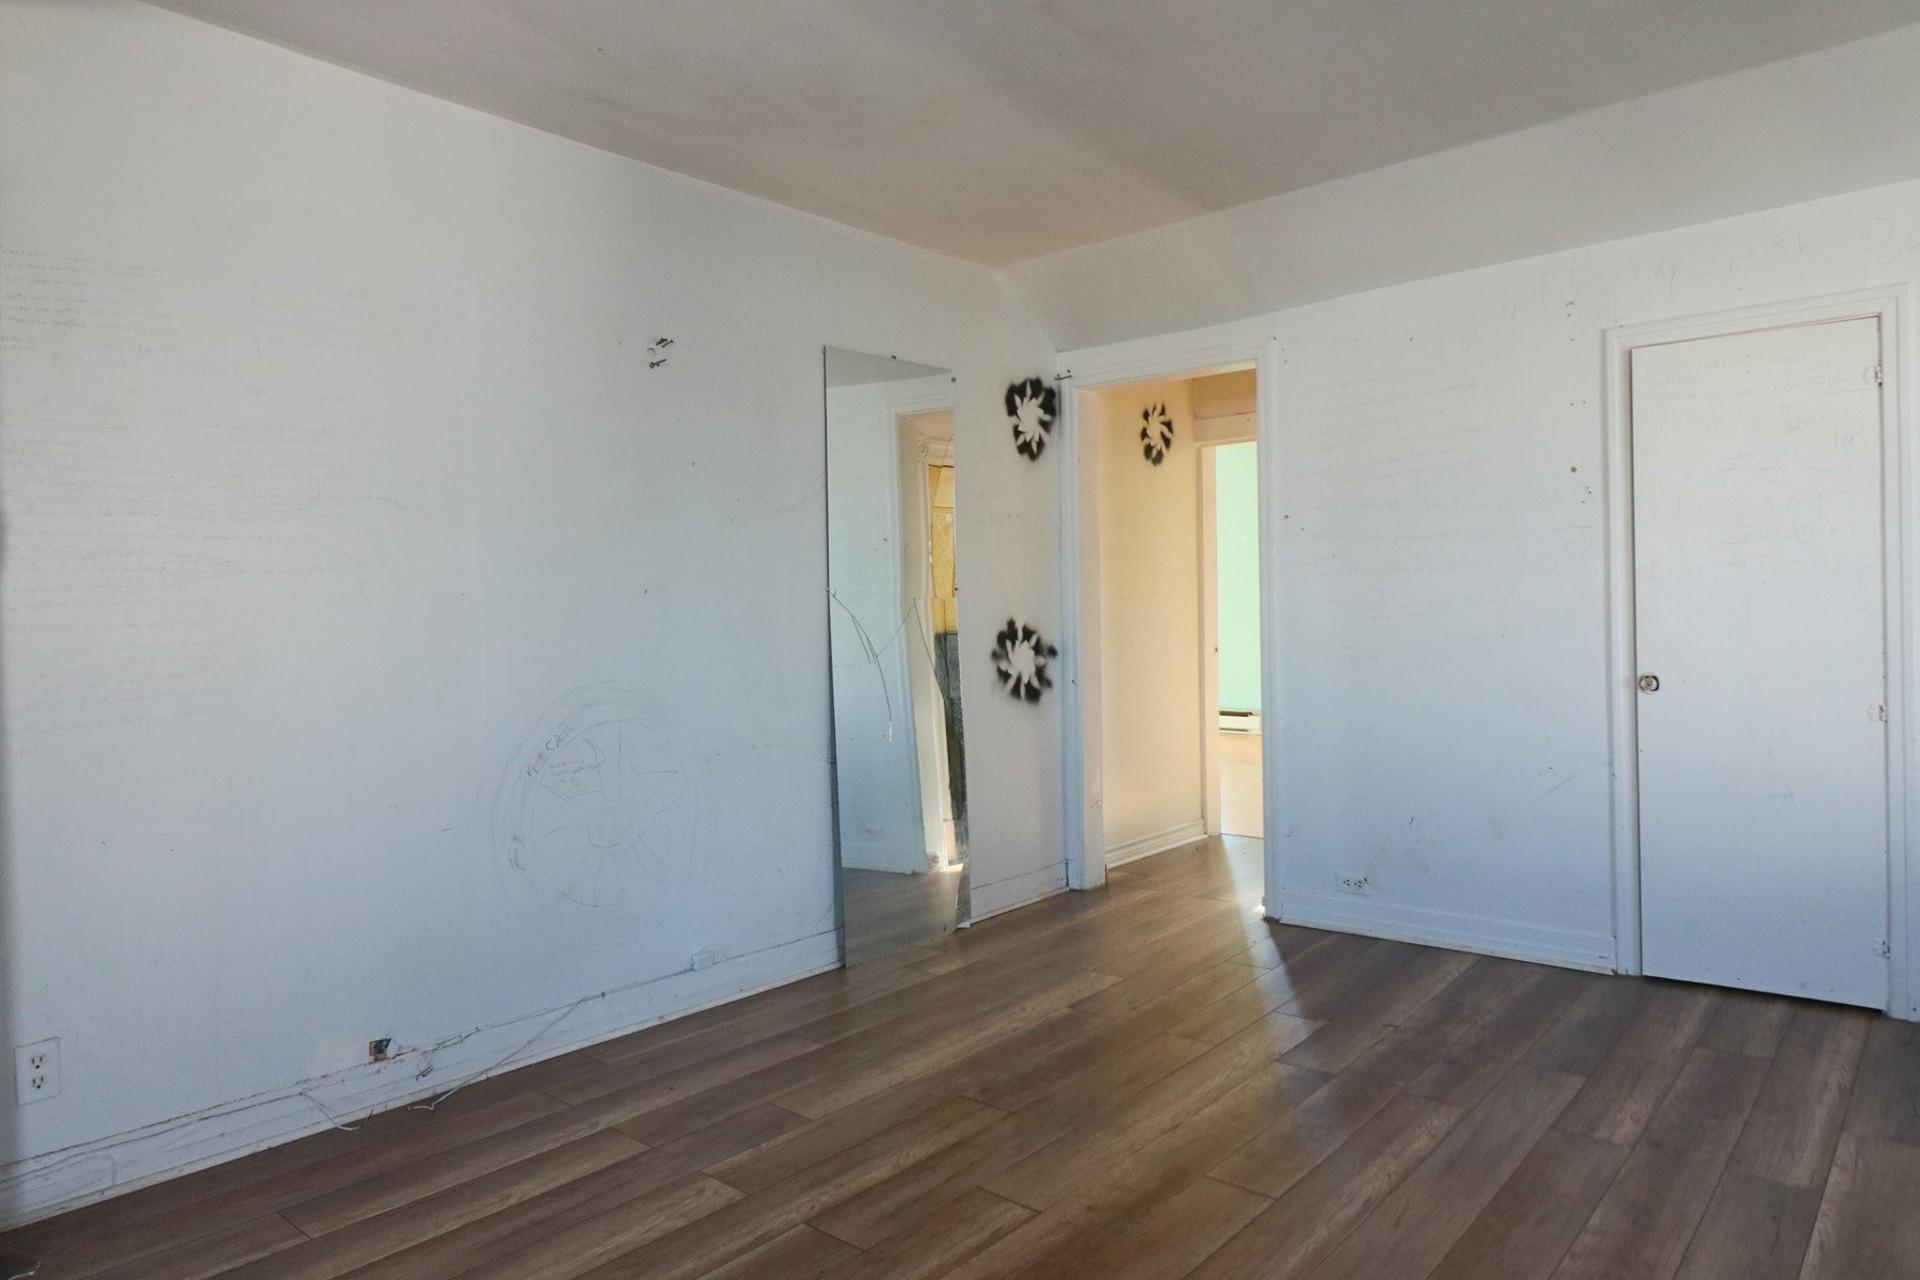 image 5 - Duplex For sale Trois-Rivières - 4 rooms